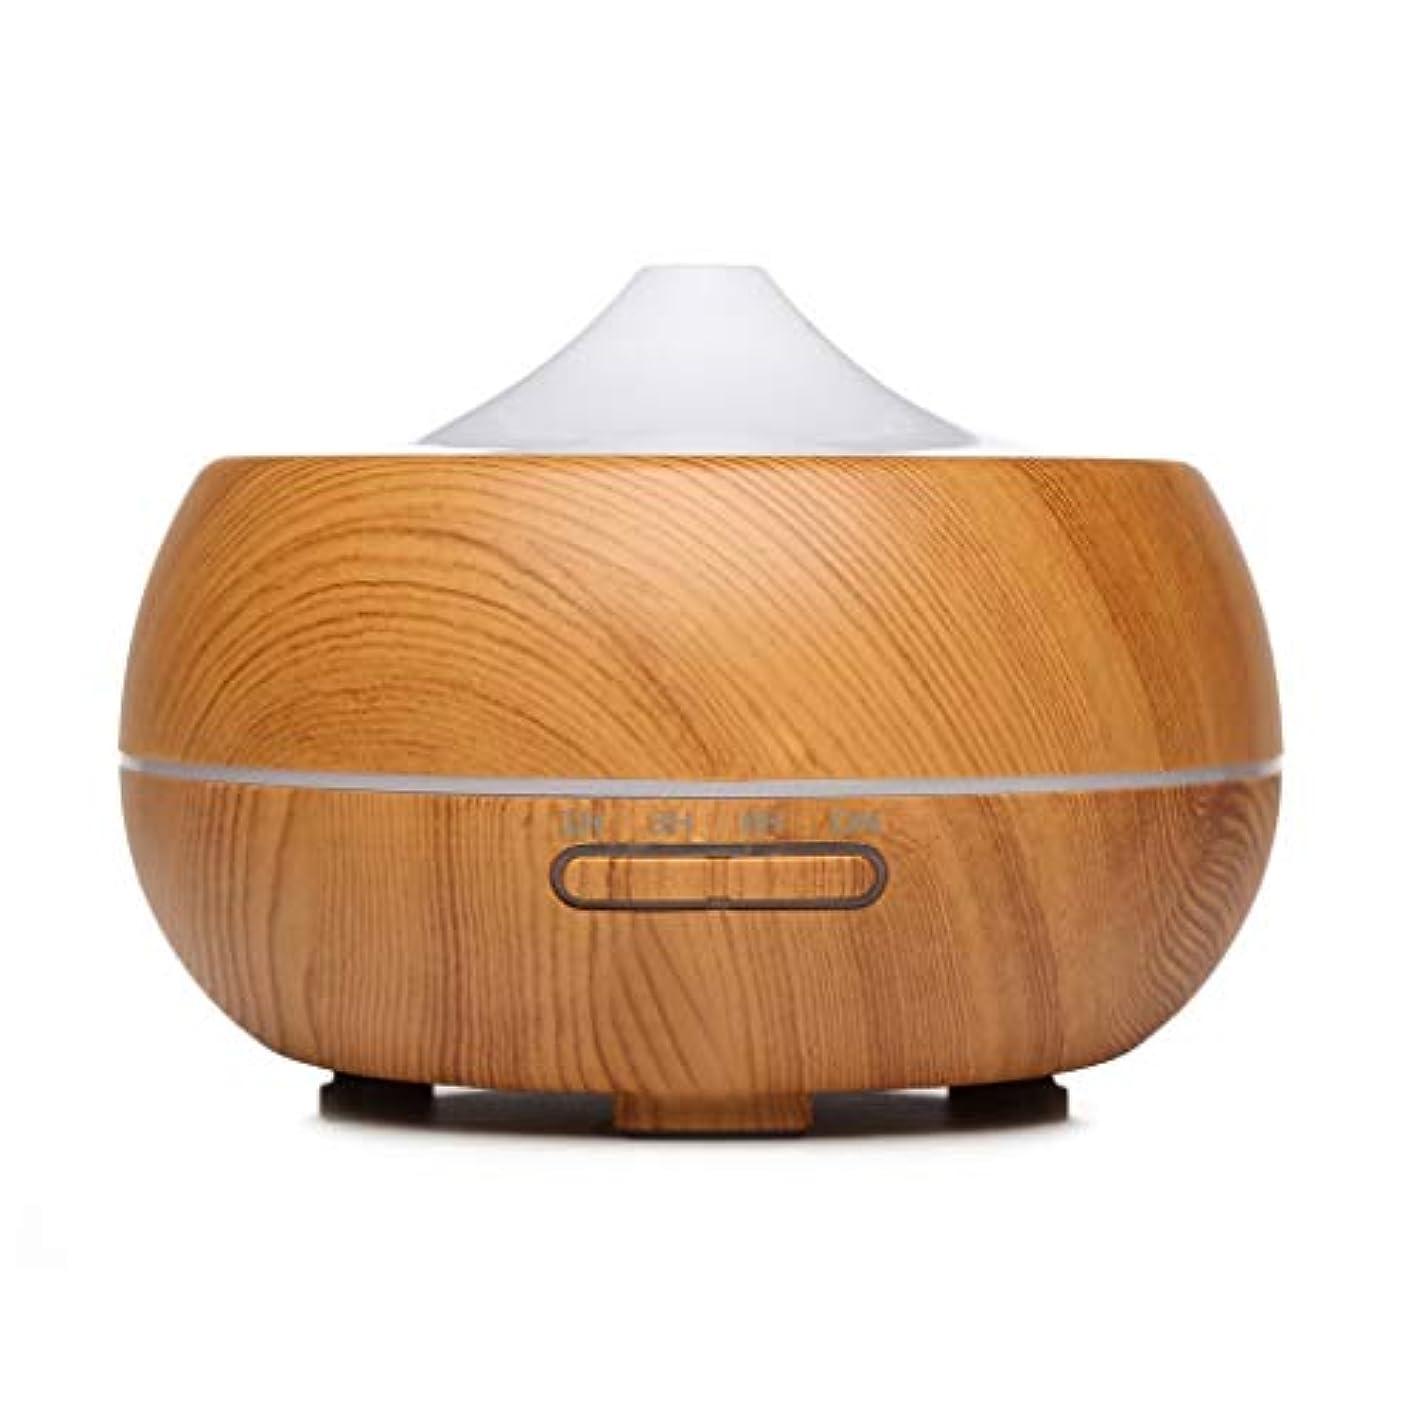 スライムマエストロ正確300ミリリットルクールミスト加湿器超音波不可欠ディフューザー用オフィスホームベッドルームリビングルーム研究ヨガスパ、木目 (Color : Light wood grain)